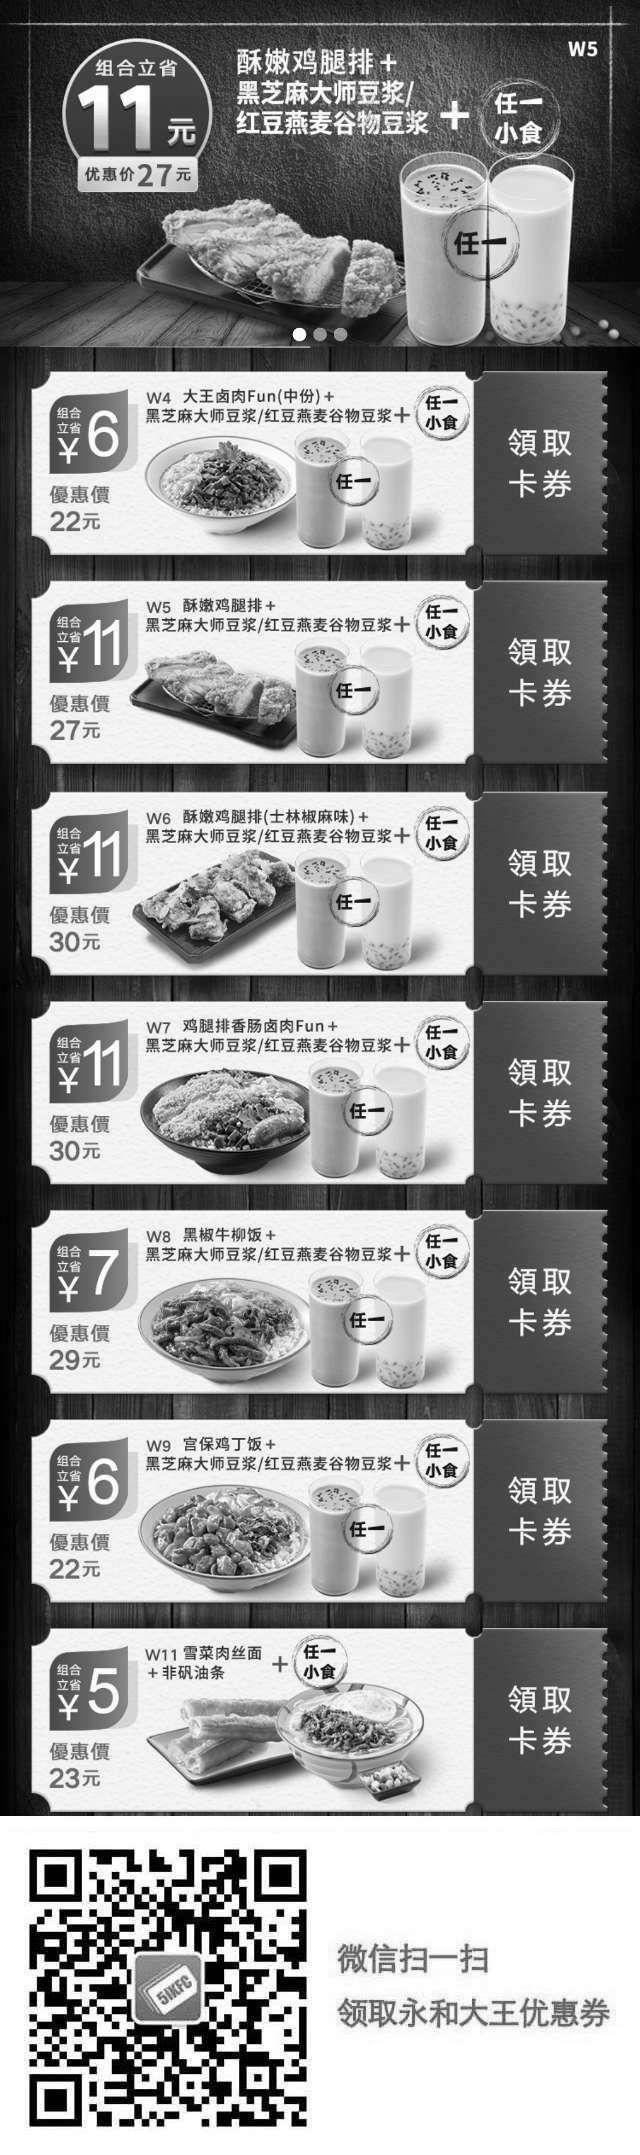 黑白优惠券图片:永和大王优惠券套餐2020年1月2月卡券领取,面、饭、鸡排套餐22元起 - www.5ikfc.com